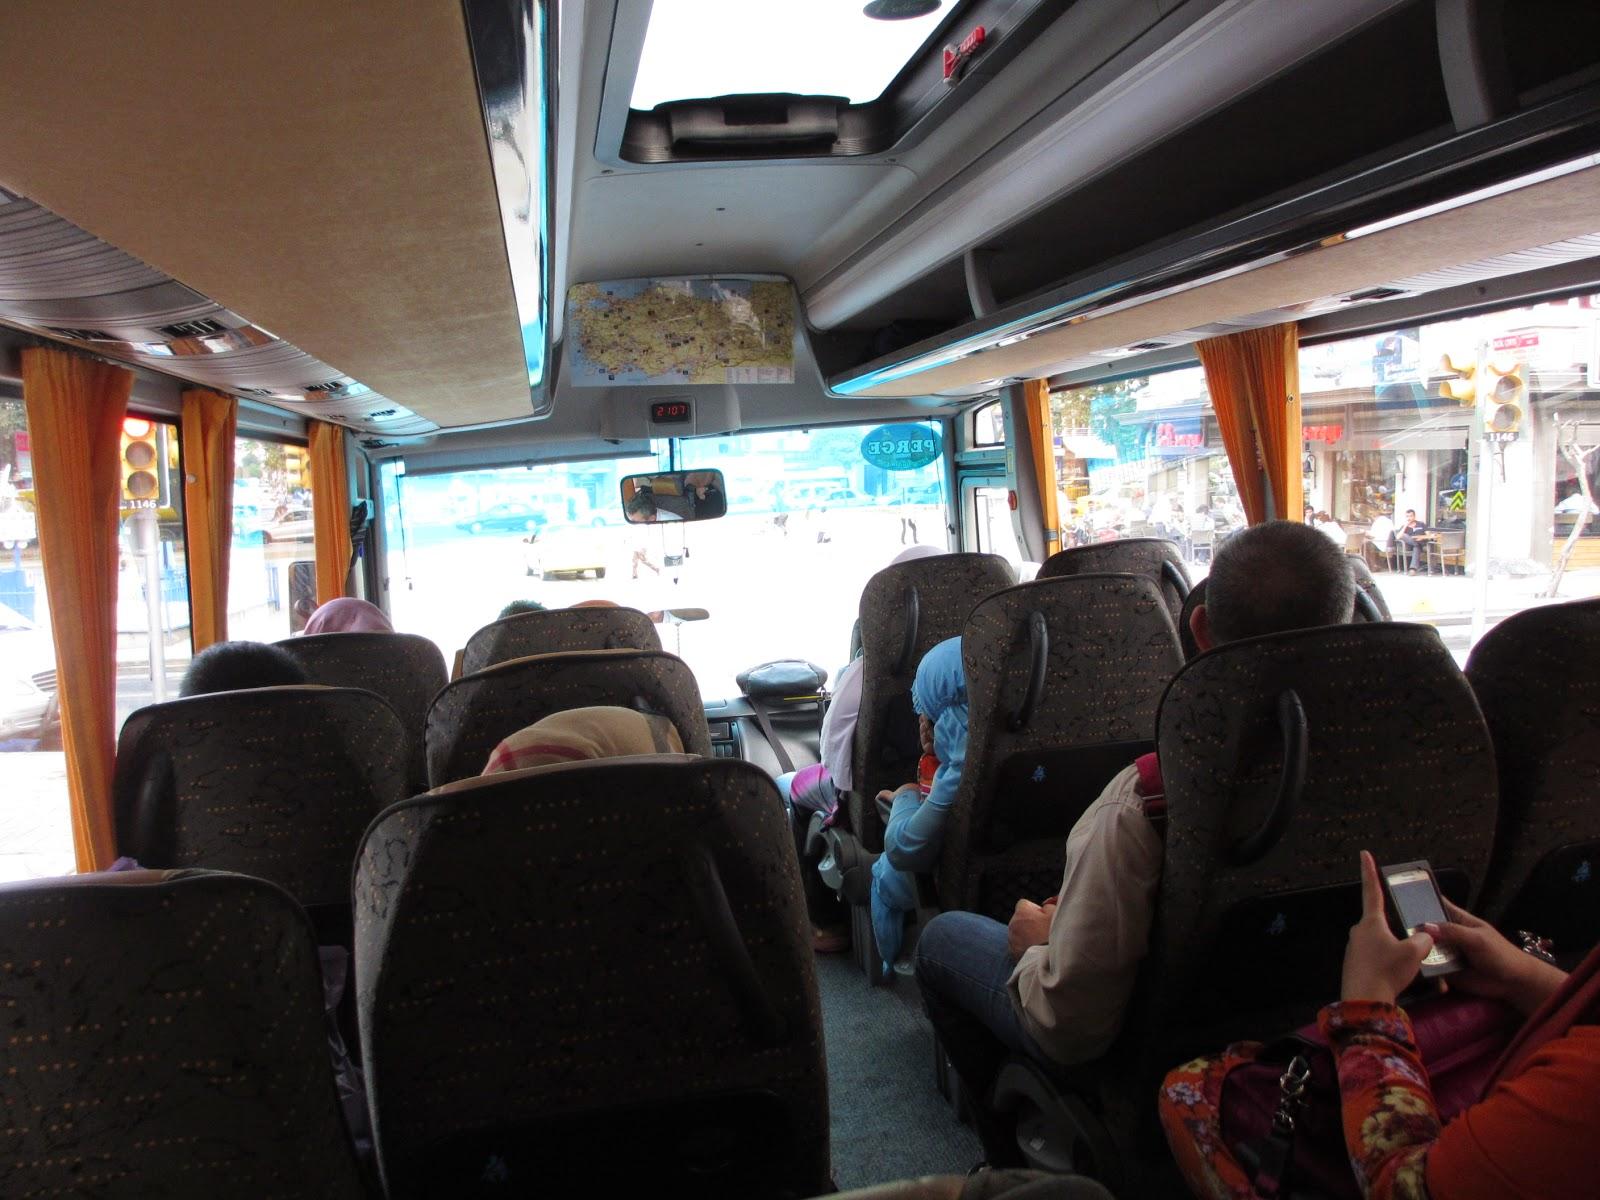 Travel Umroh Idul Fitri 2015 Terbaik Bagus dan Terpercaya